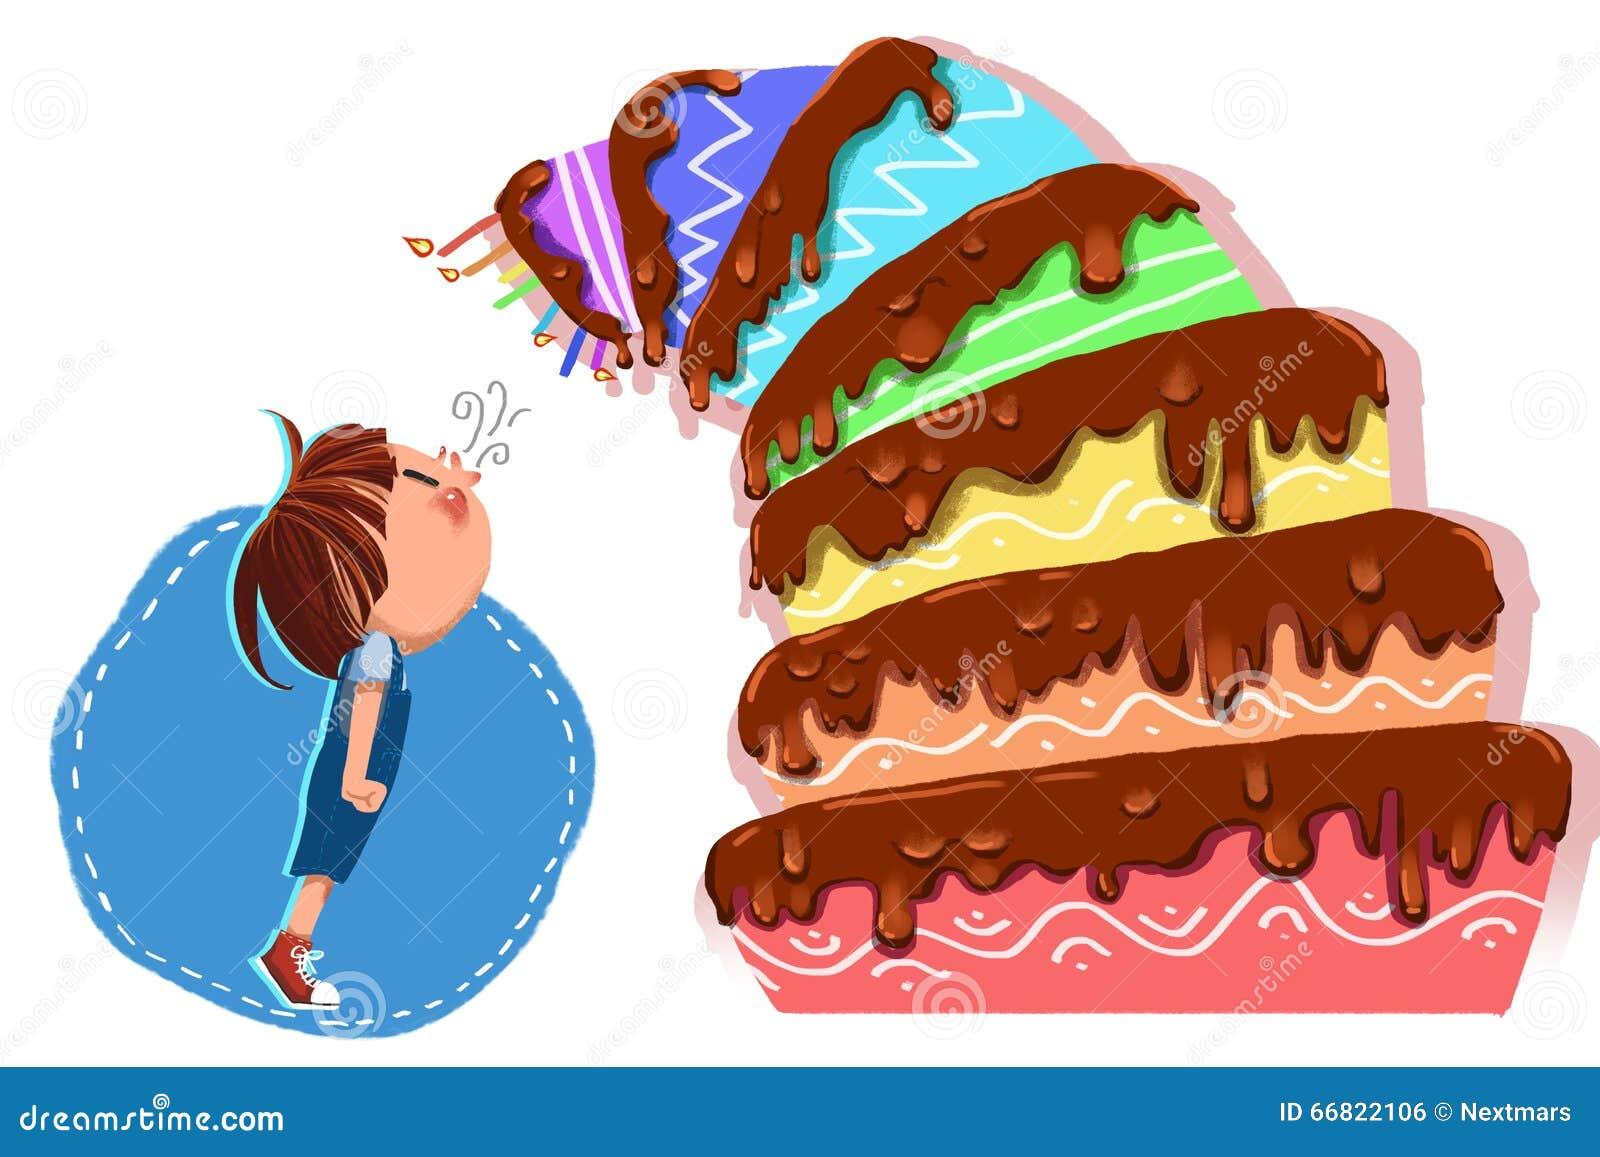 Amato Illustrazione Per I Bambini: Il Piccolo Uomo Di Buon Compleanno  TZ88